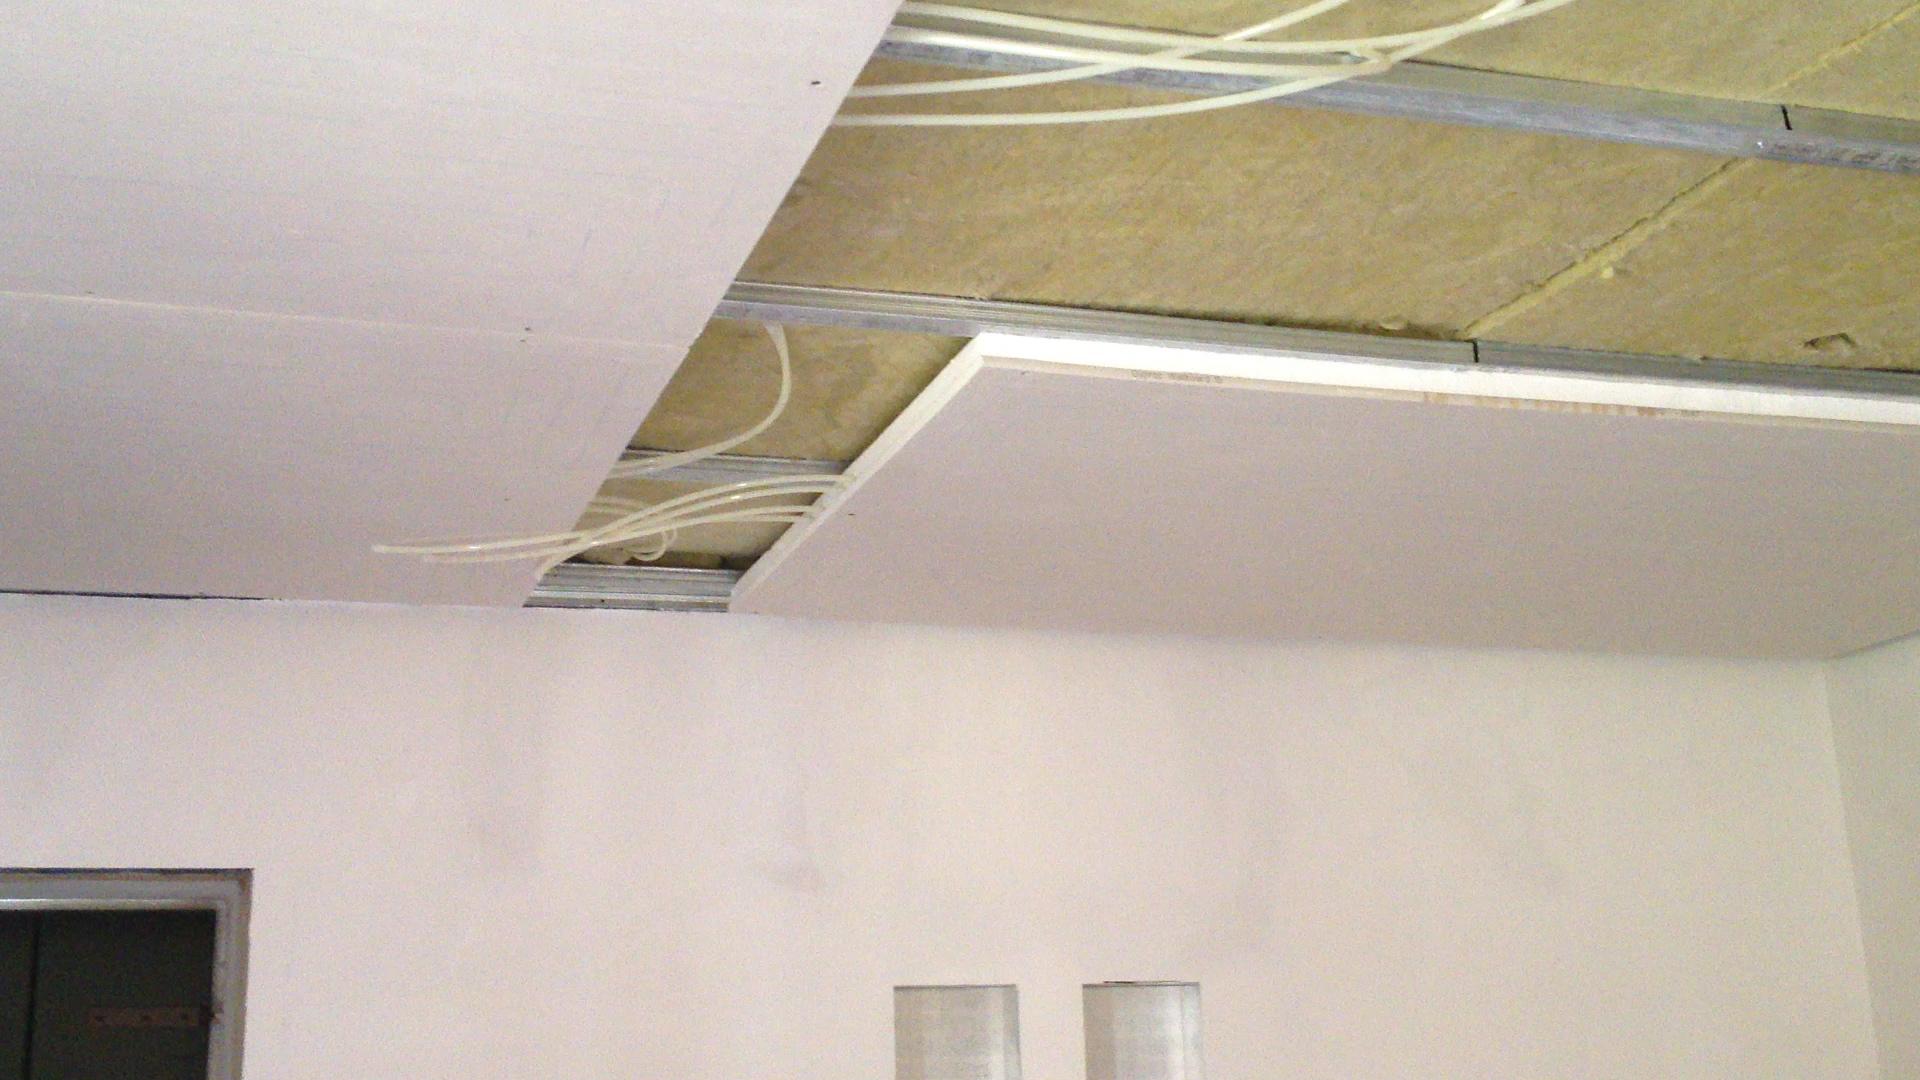 L impianto di riscaldamento a soffitto henco cappellotto